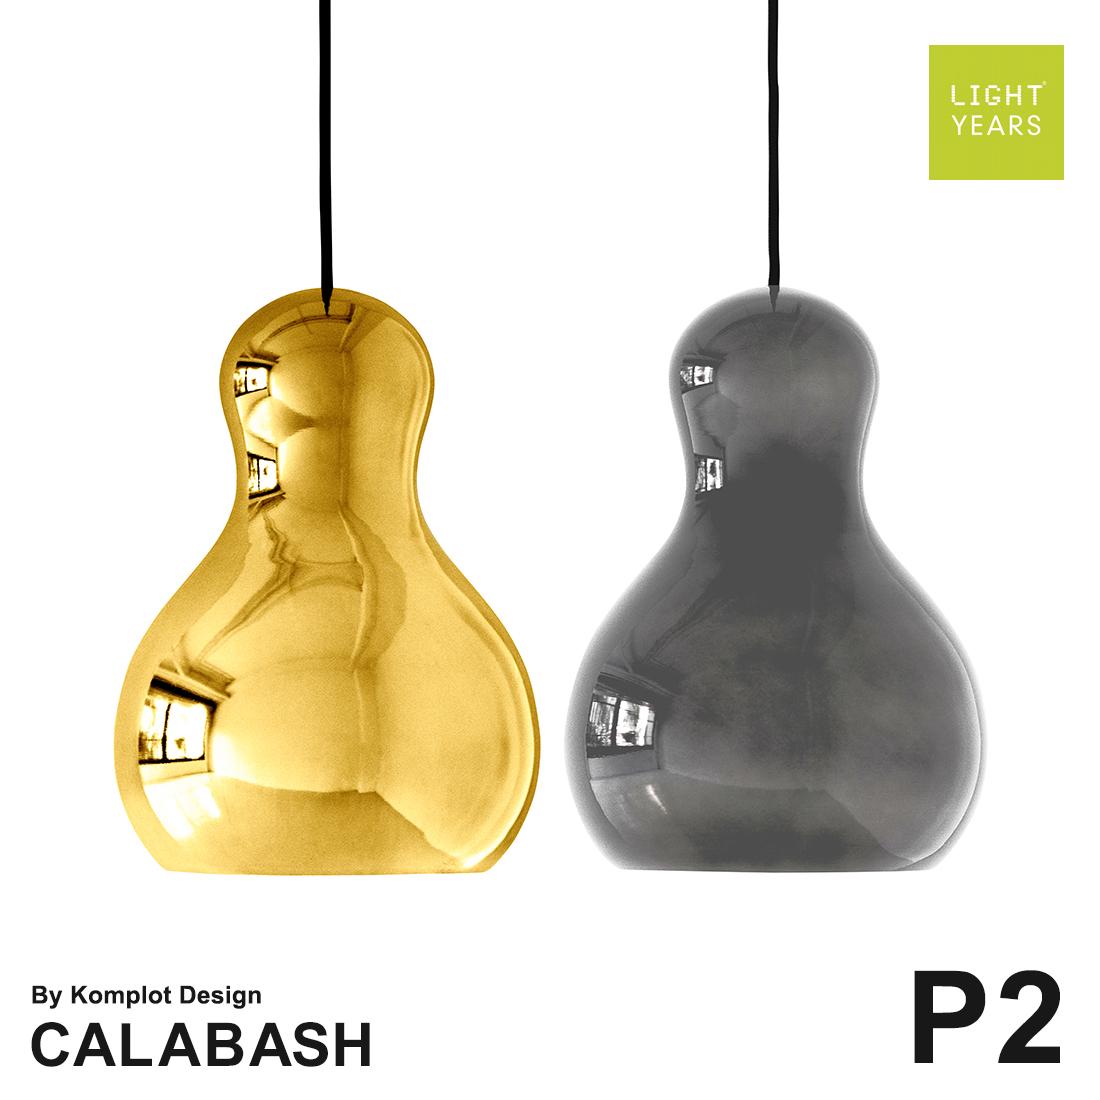 【LIGHTYEARS/ライトイヤーズ】CALABASH P2 ペンダントライト カラバッシュ ペンダントライト Komplot Design ライト ランプシェード クロームメッキ インテリアライト 照明 ダイニング デンマーク